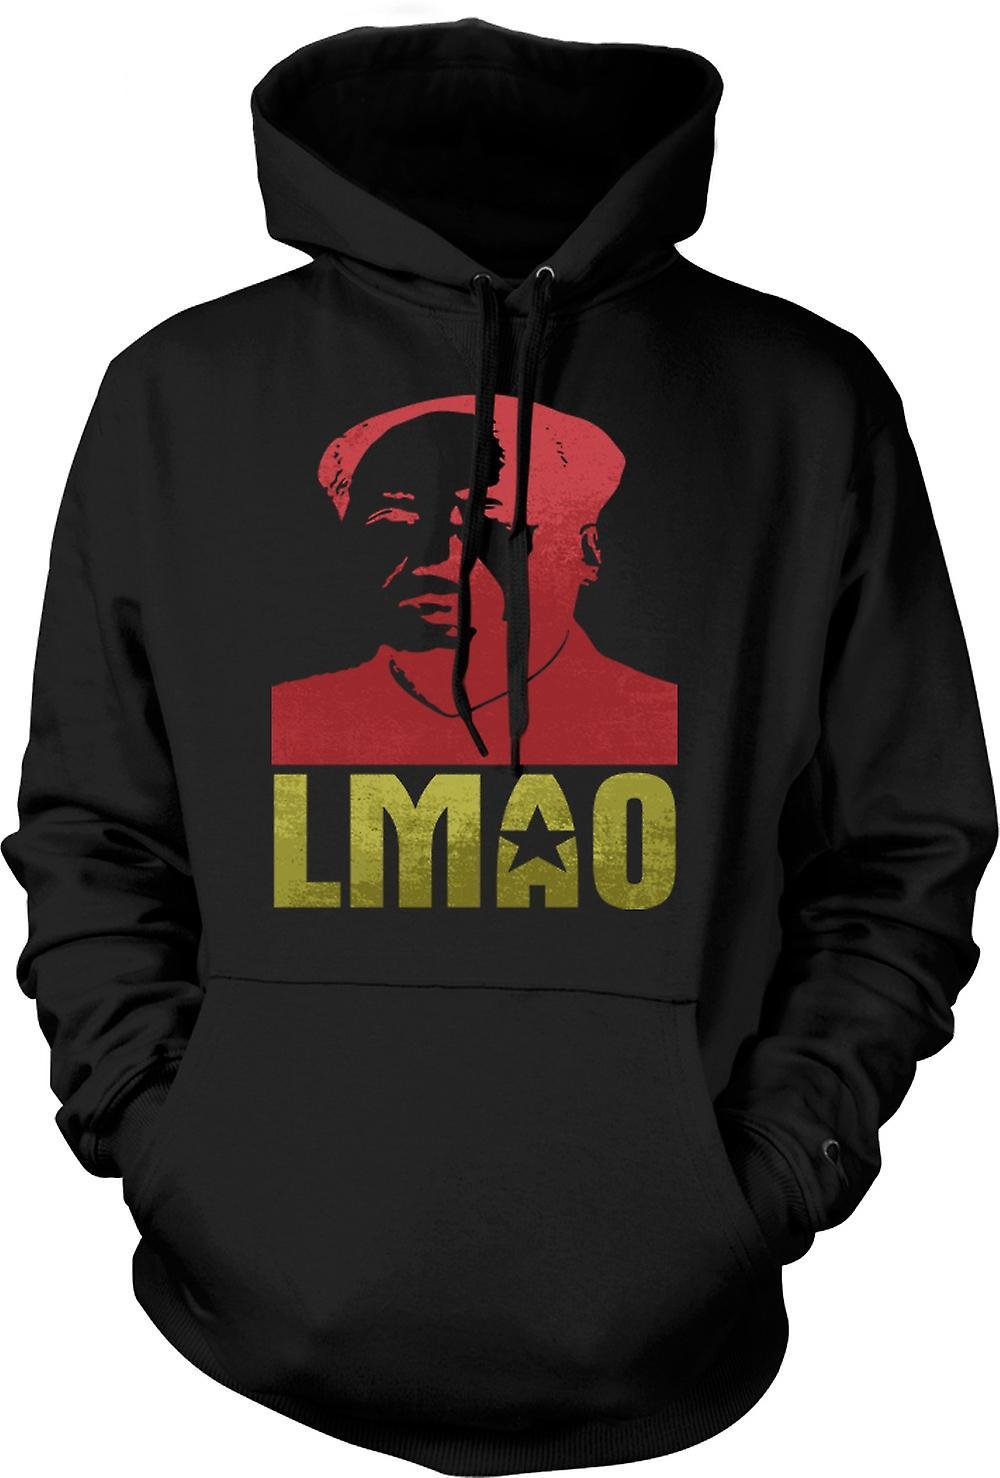 Mens Hoodie - LMAO Chairman Mao - Funny